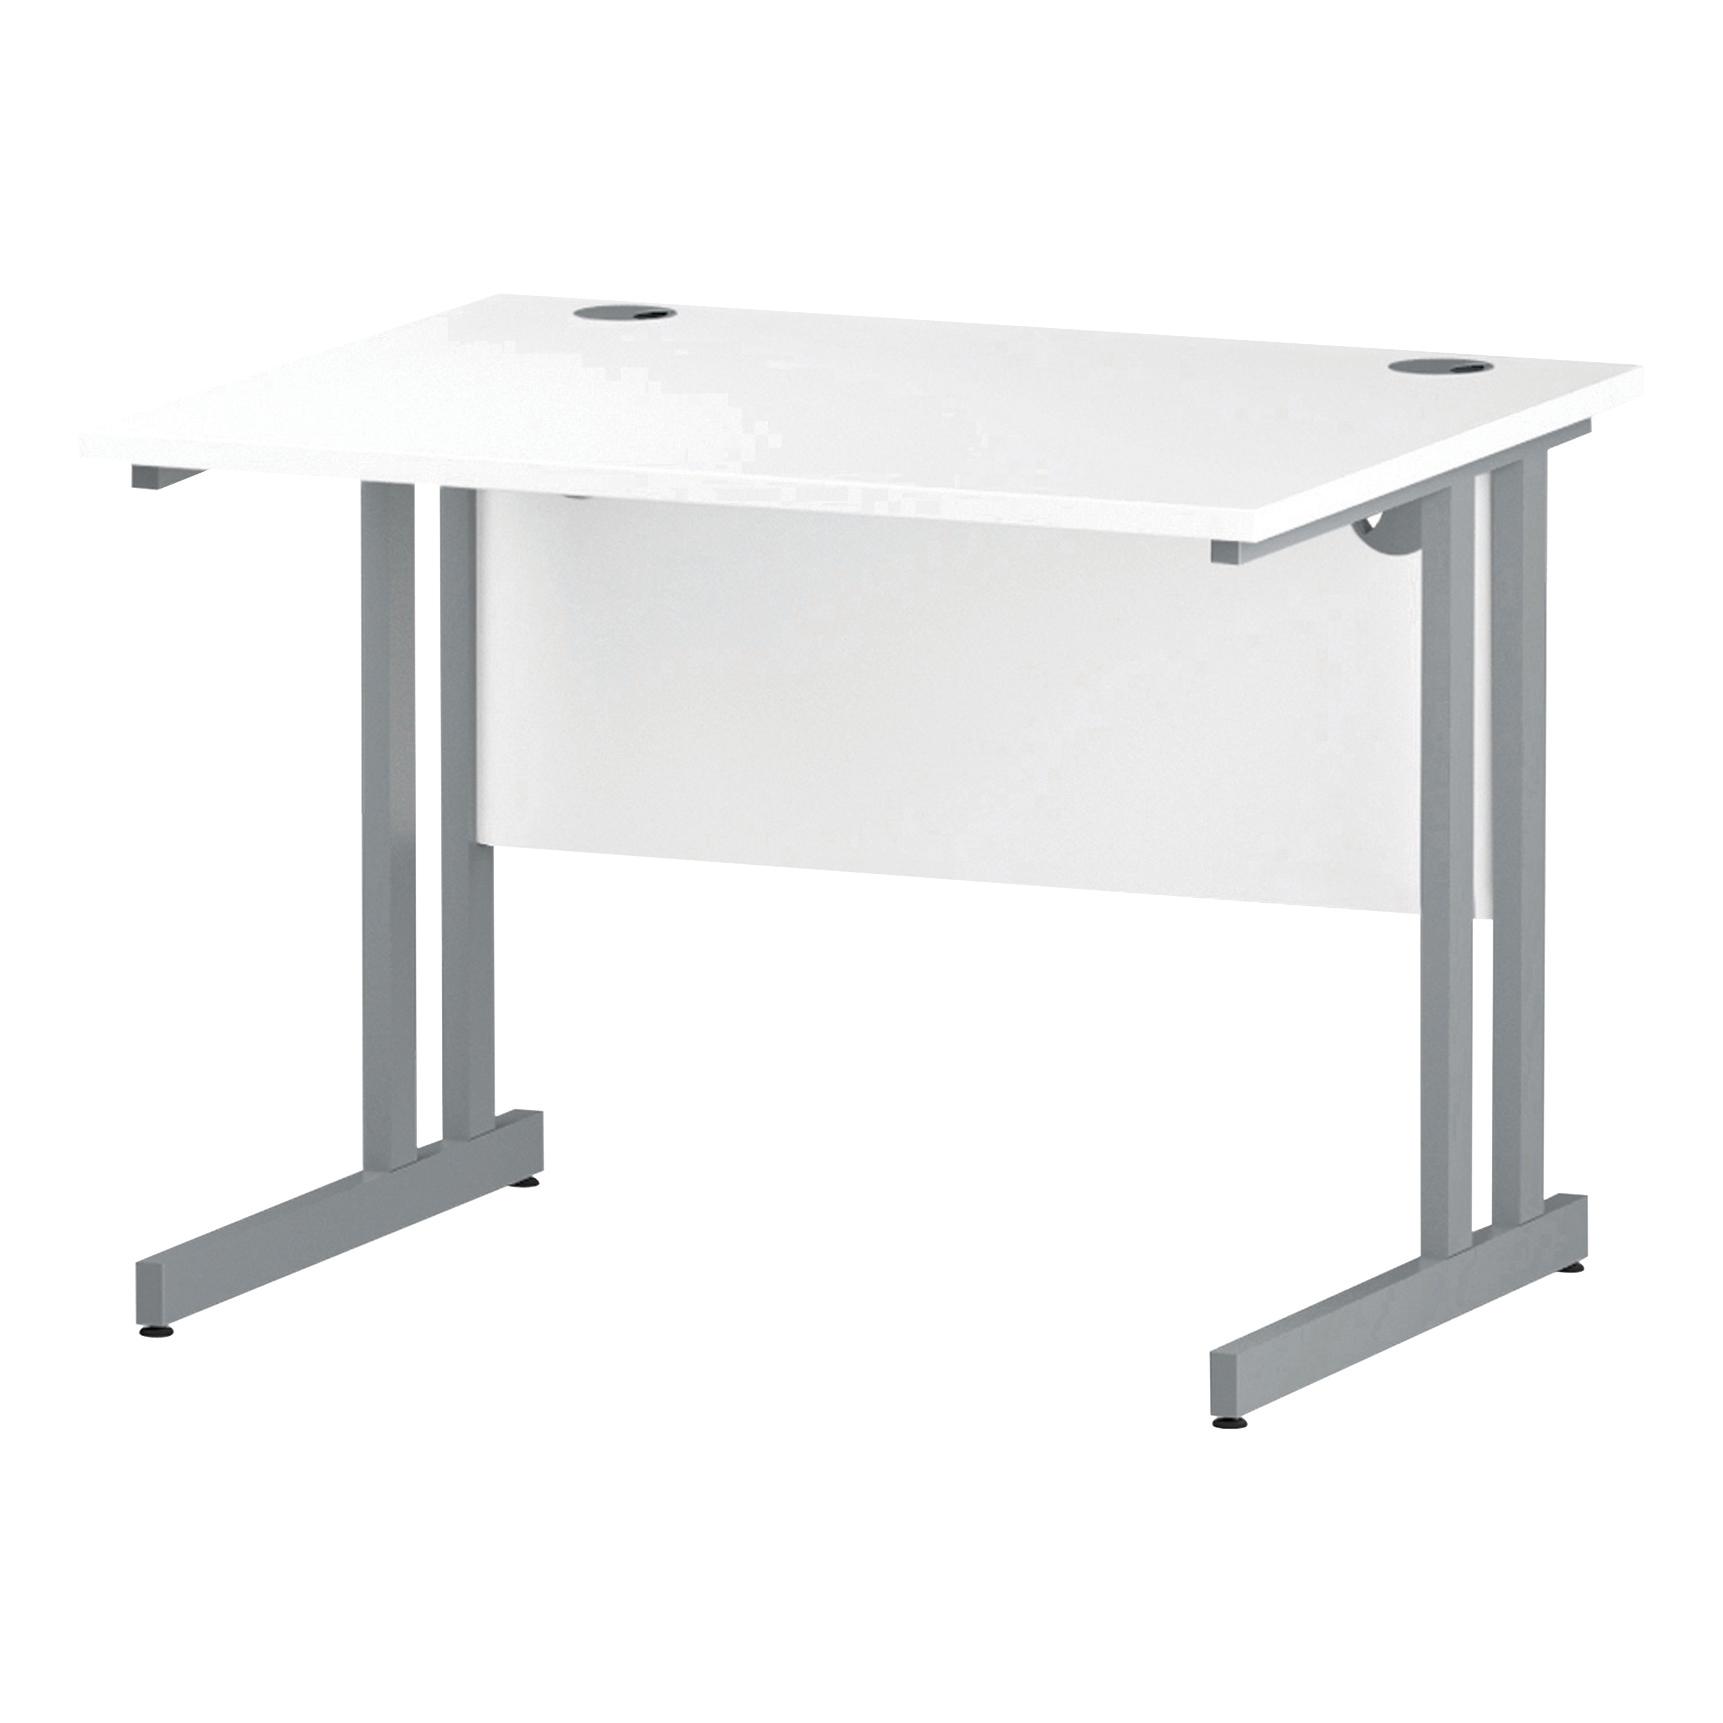 Trexus Rectangular Desk Silver Cantilever Leg 1000x800mm White Ref I000304